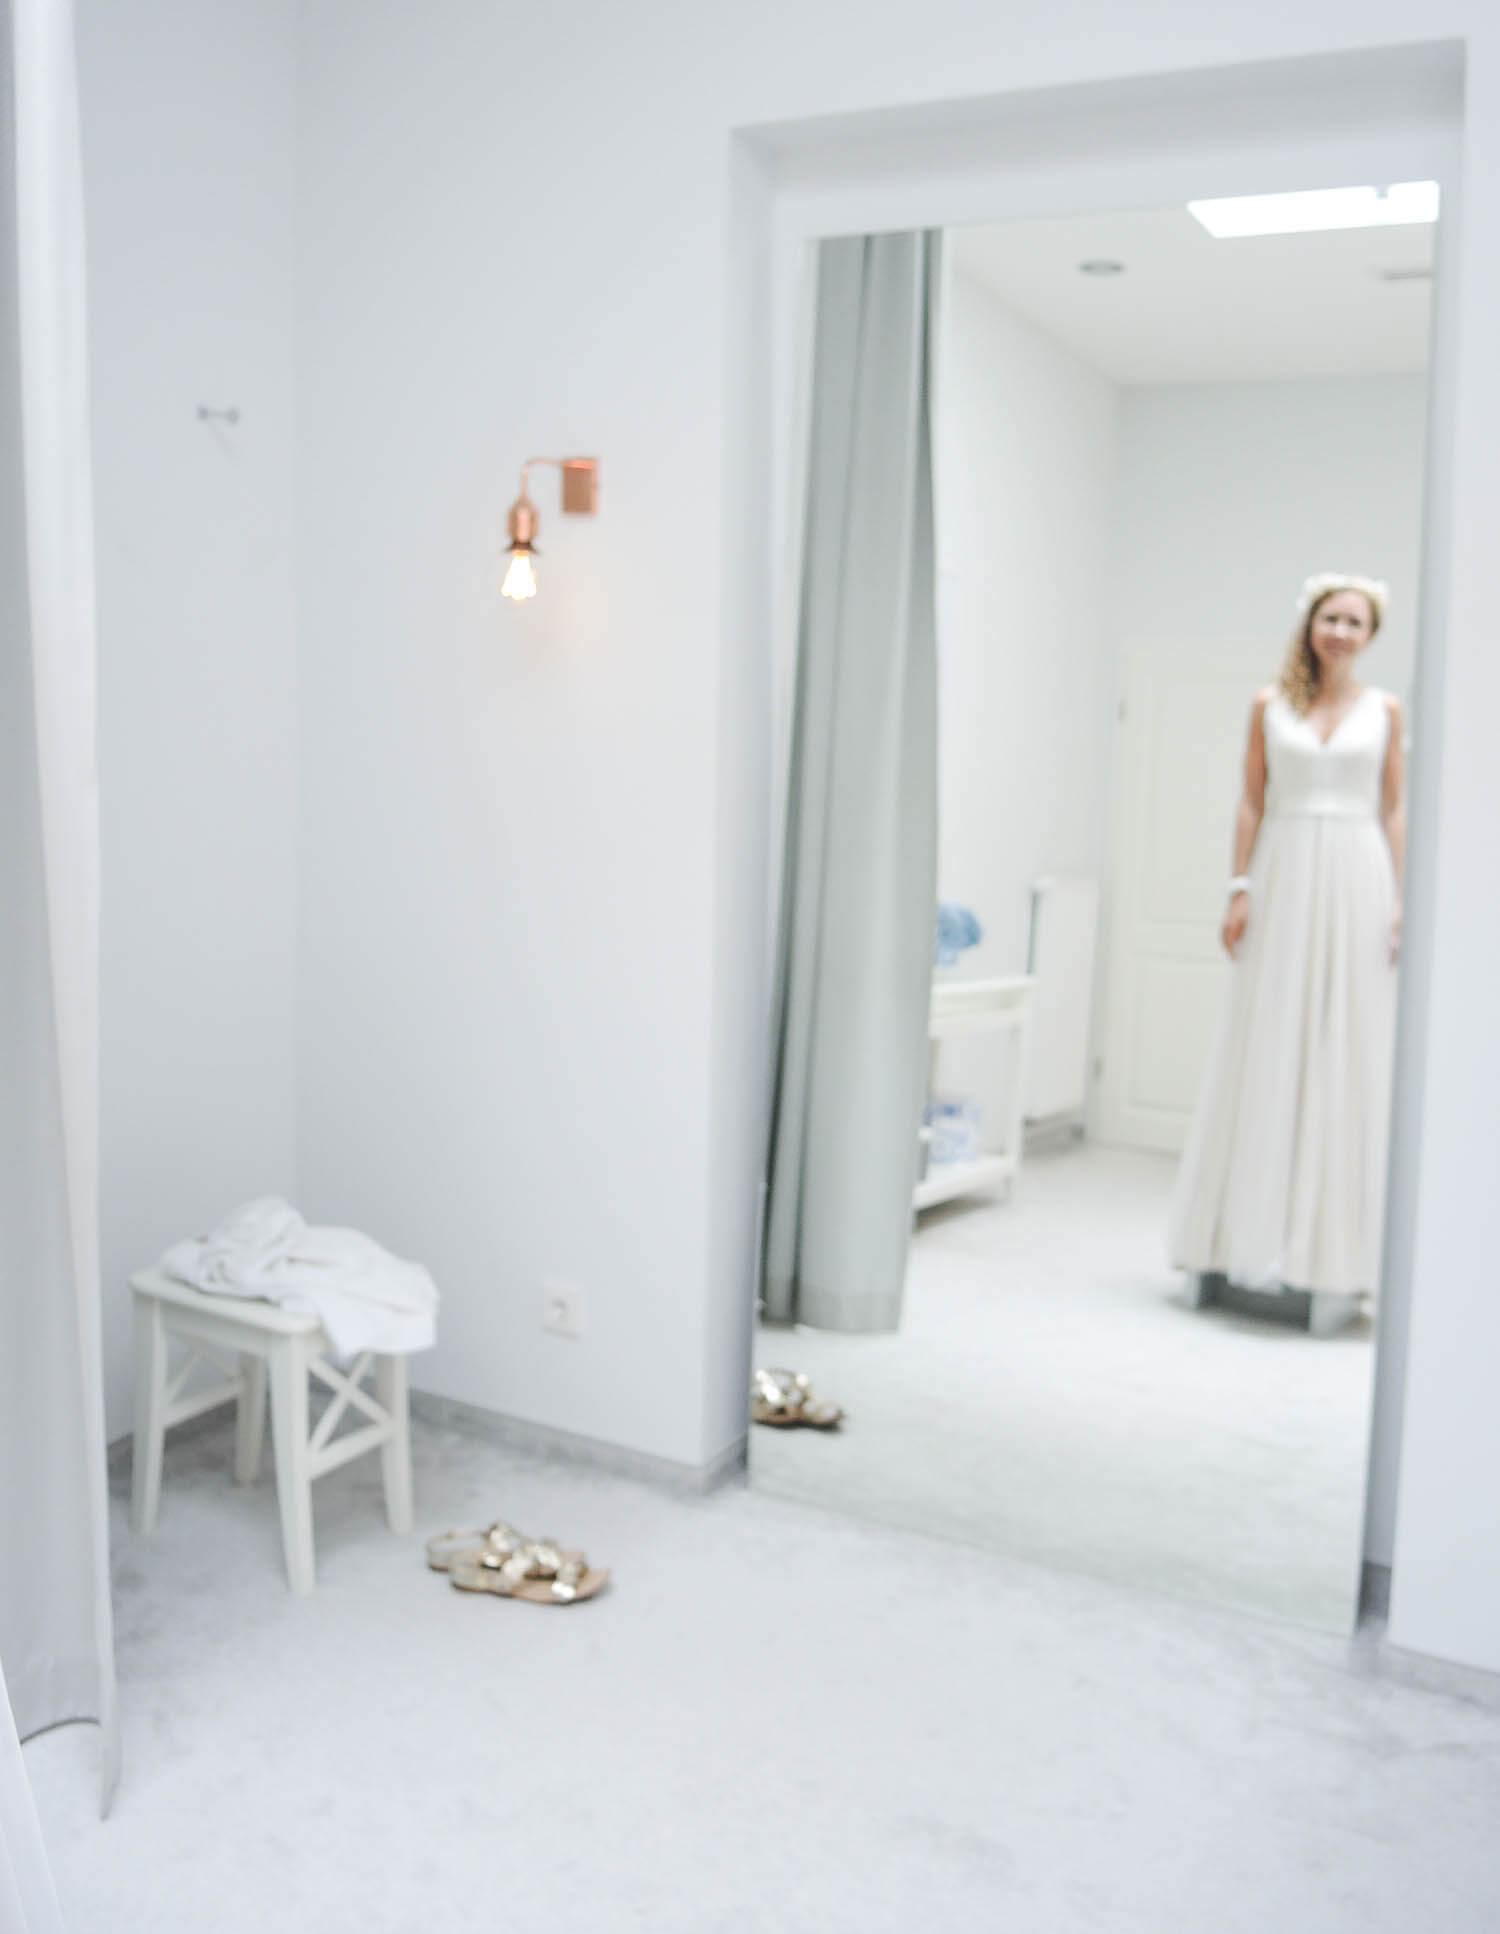 Kationette-fashionblog-lifestyle-Wedding-Update-Bride-Dress-fitting-IamYours-Dusseldorf